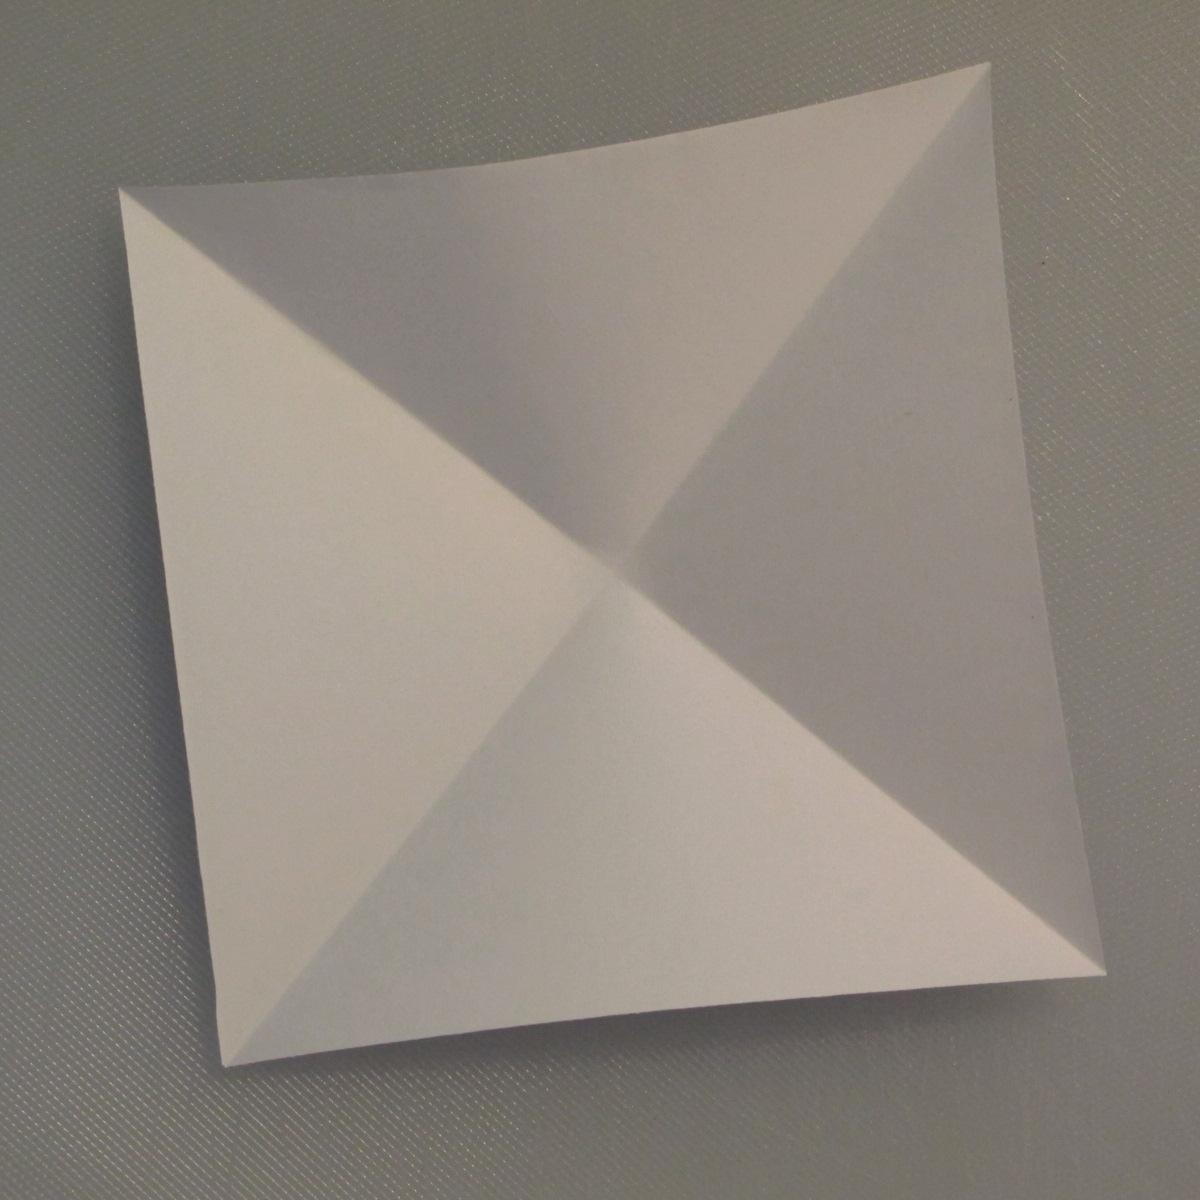 วิธีพับกระดาษเป็นรูปนกกระเรียน 001